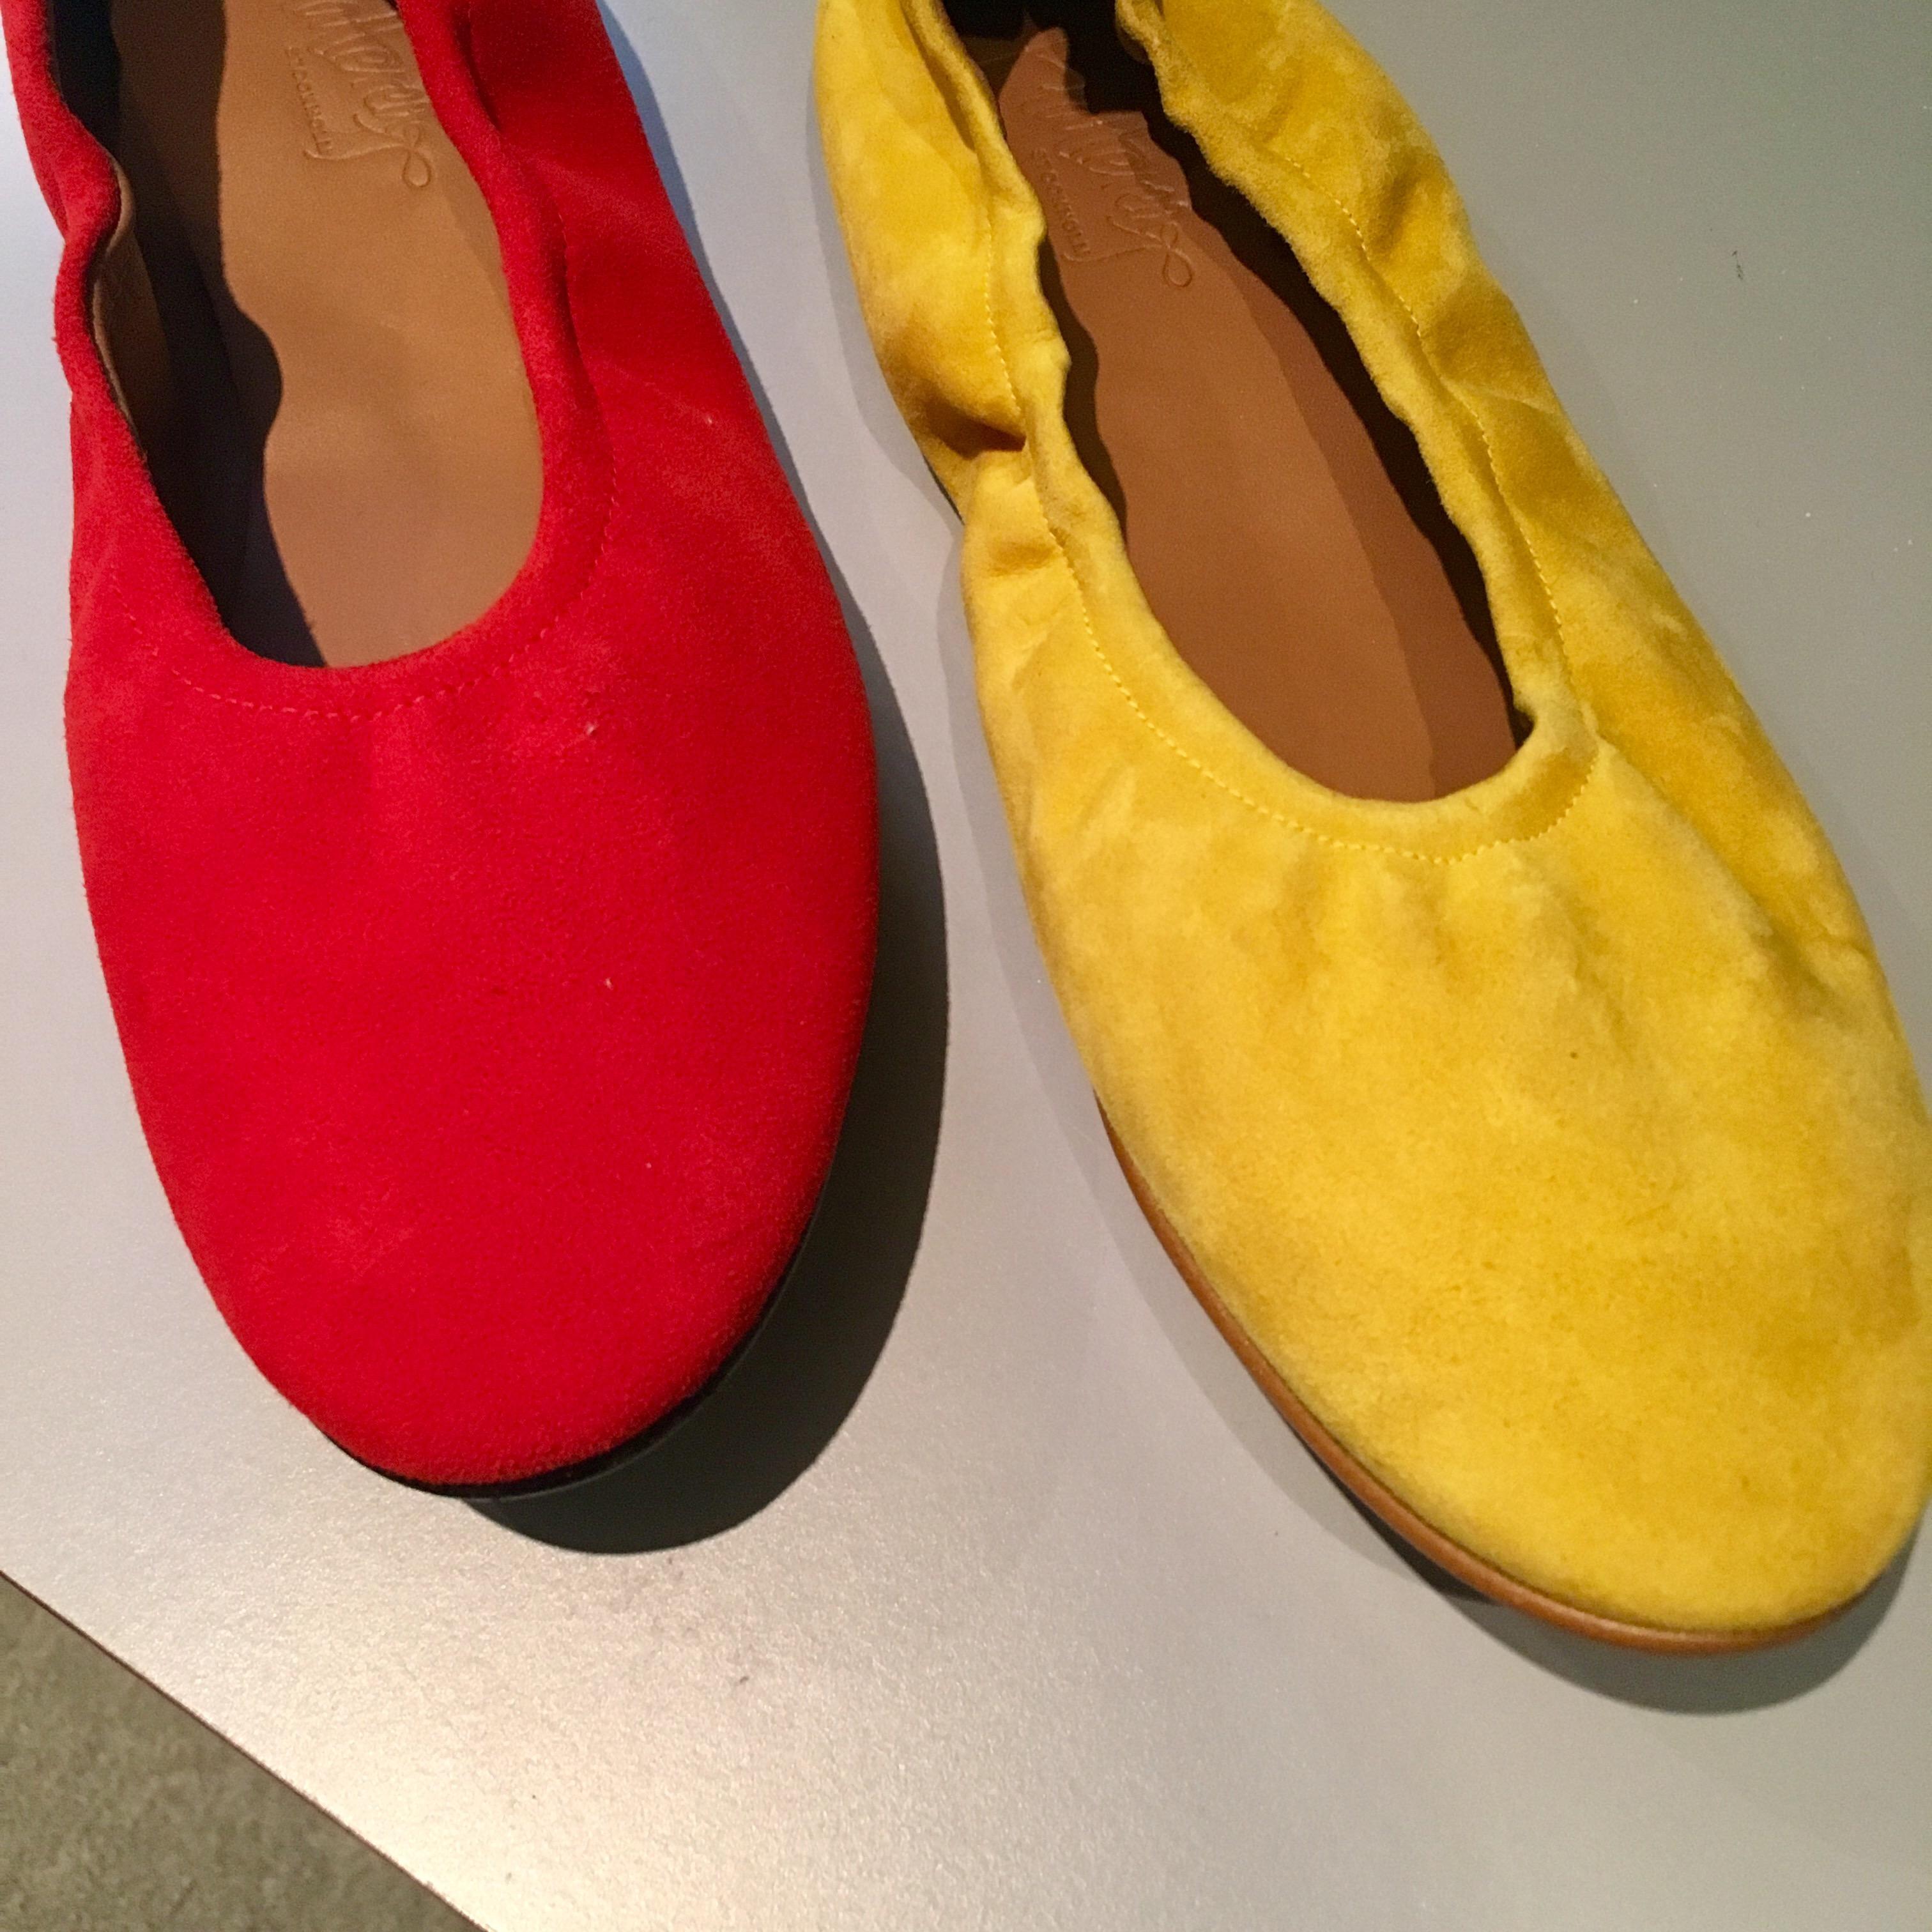 Vilken färg röd eller gul? Michaela Forni